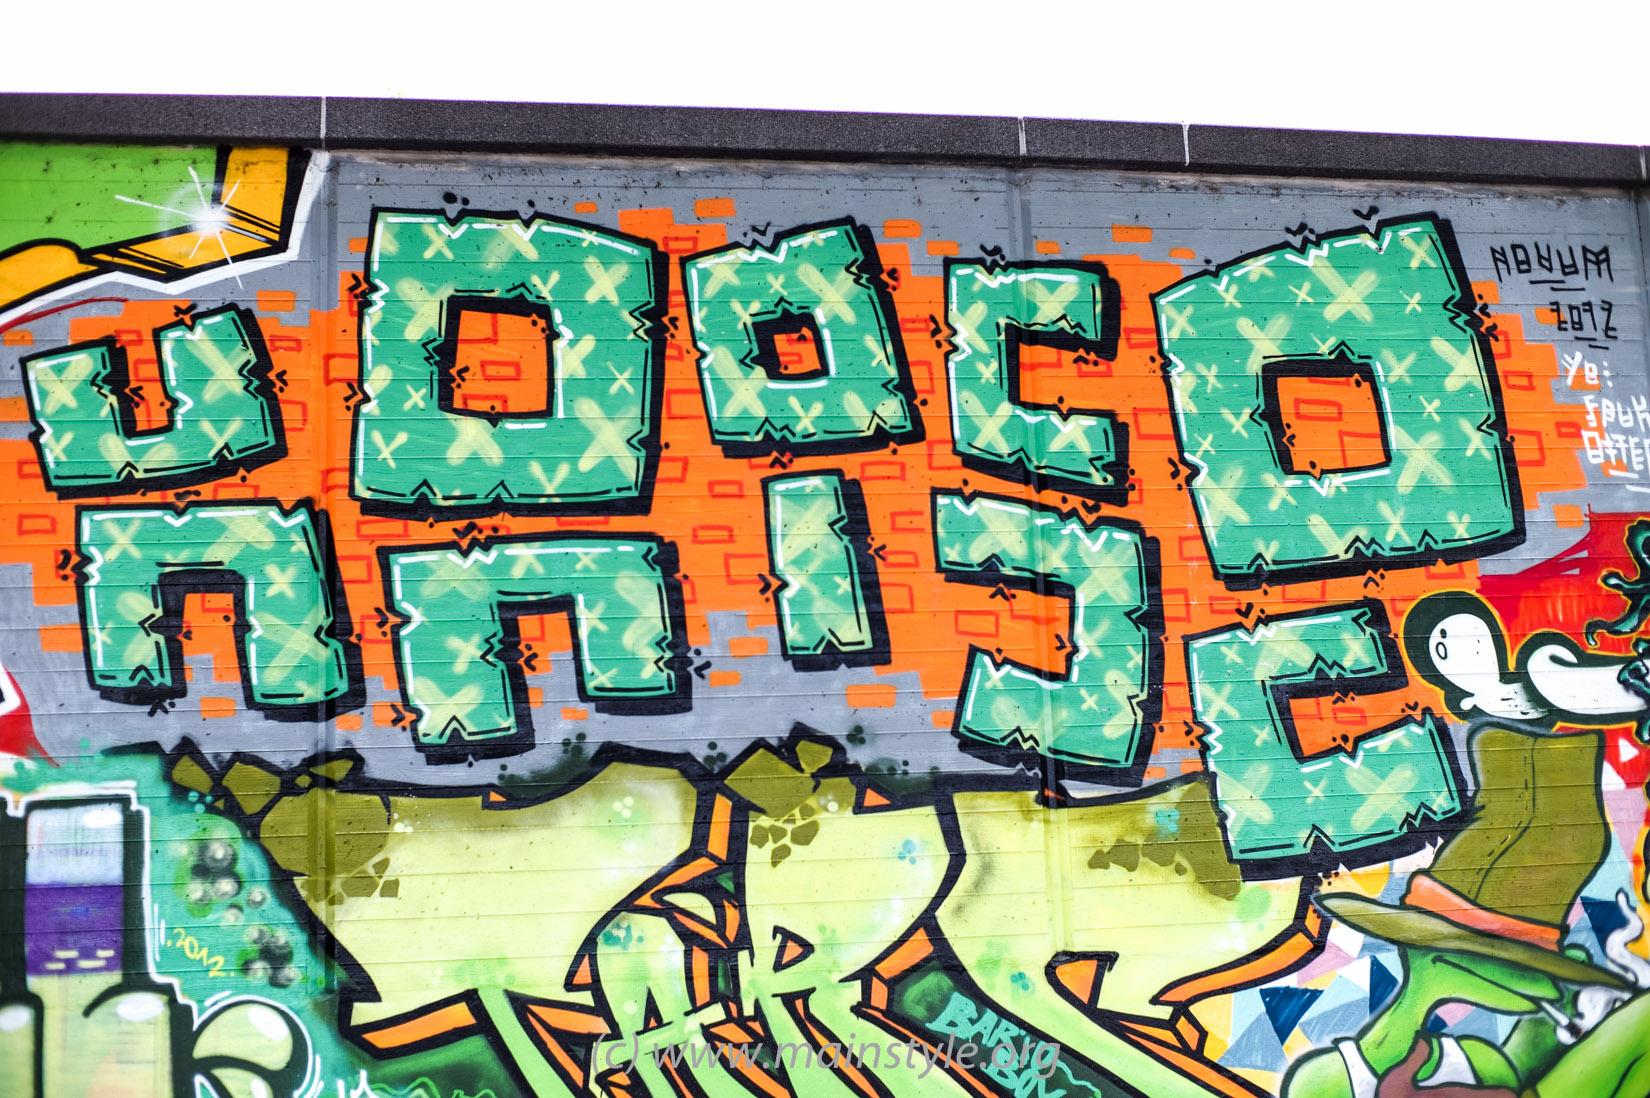 Frankfurt-Höchst_Graffiti_Süwag-Wall_2012 (13 von 35)